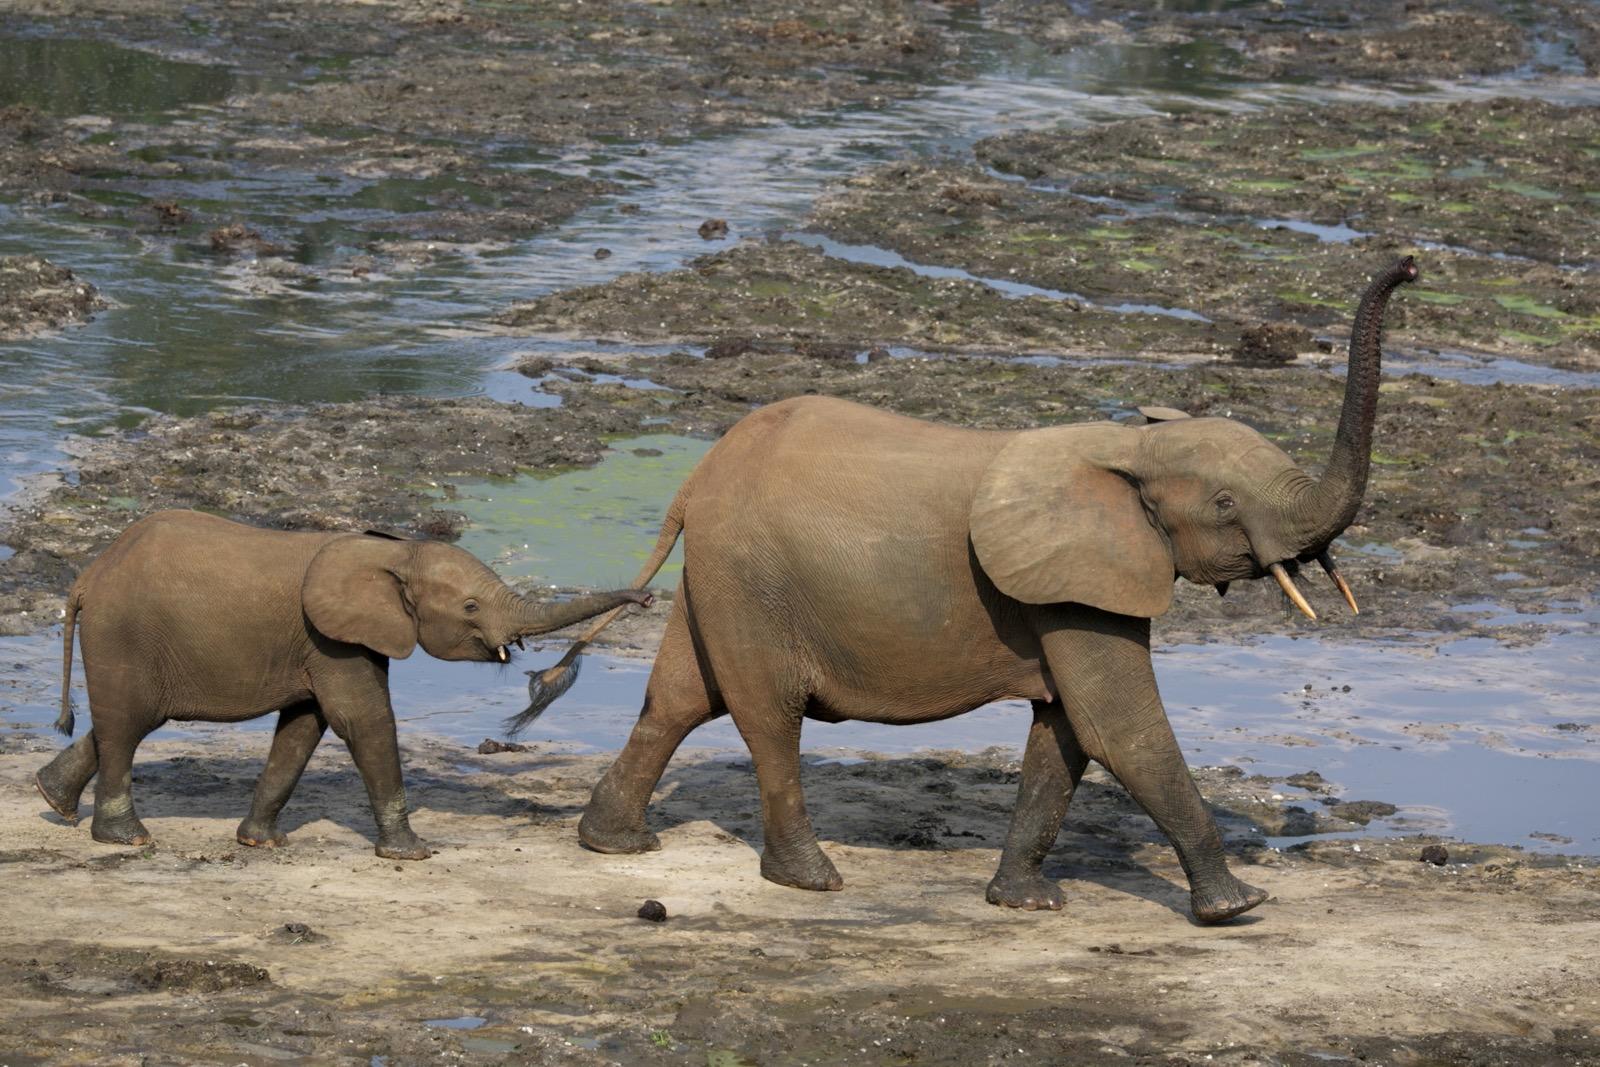 Waldelefanten sind kleiner als ihre Verwandten in der Savanne. Im Unterschied zu ihnen haben die Waldbewohner außerdem eine komplexe Herdenstruktur mit einer genau definierten Hierarchie. (Foto: Alexandre Brecher - WWF Canon)